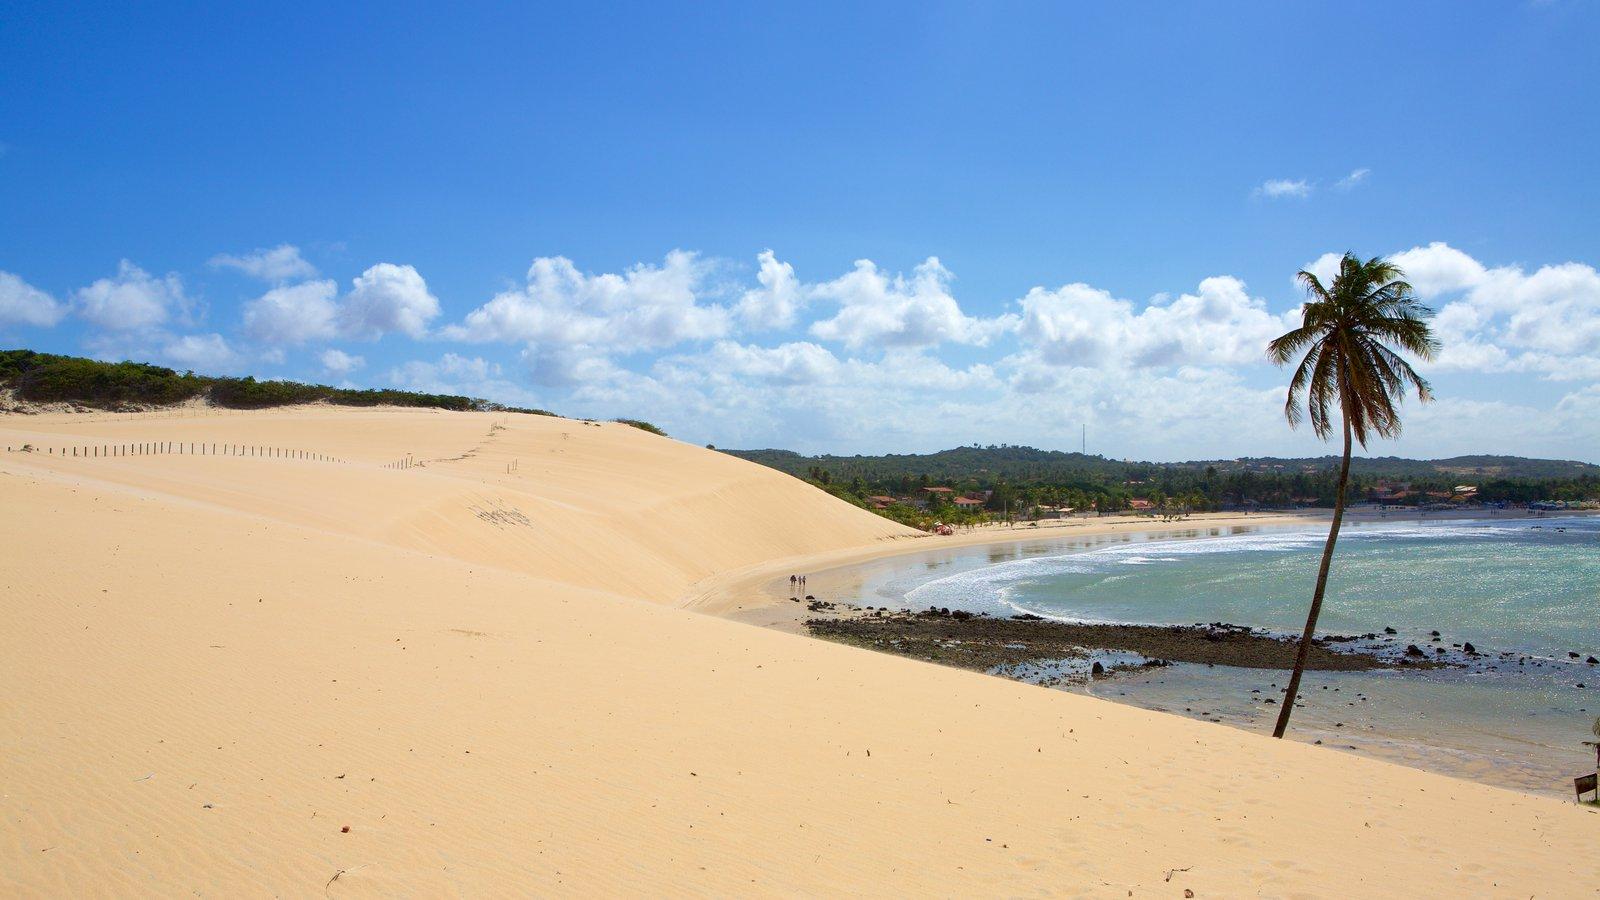 Praia de Genipabú caracterizando paisagens litorâneas, cenas tropicais e uma praia